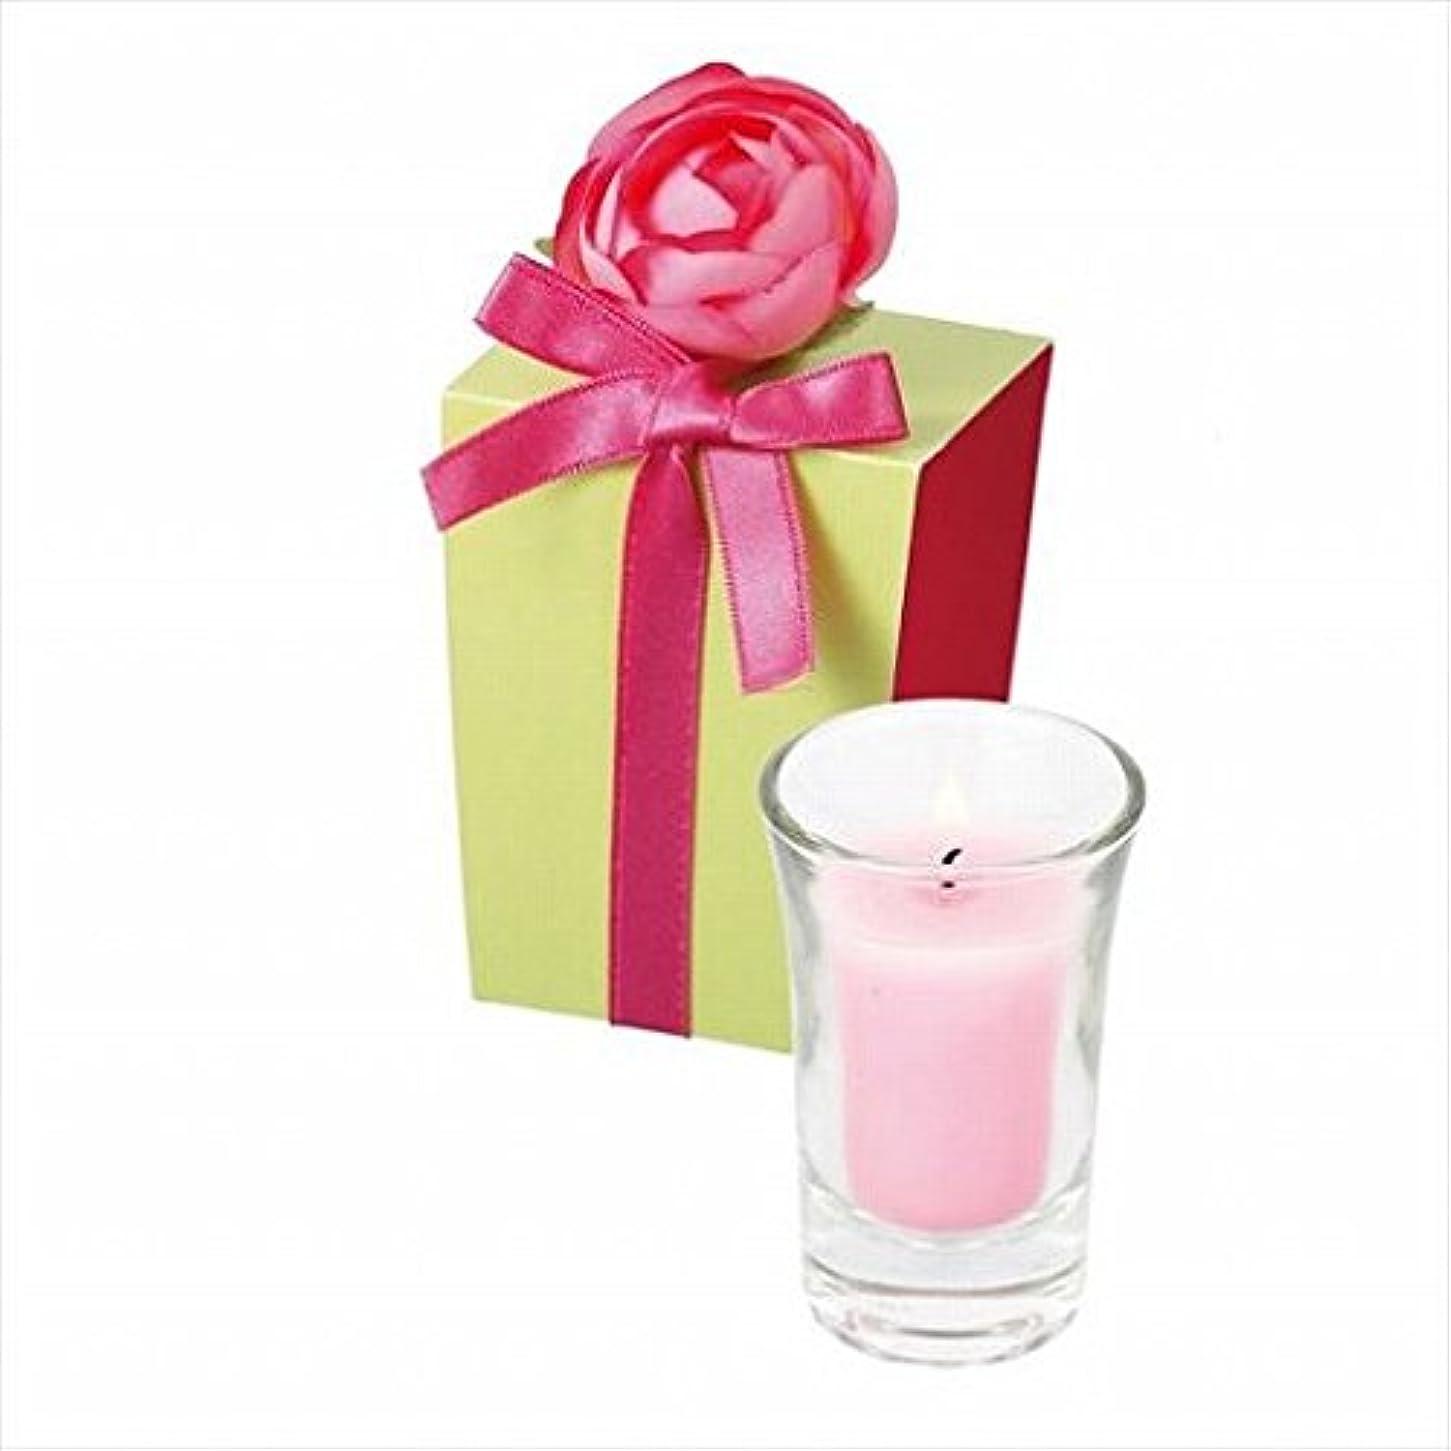 医薬新鮮な深さkameyama candle(カメヤマキャンドル) ラナンキュラスグラスキャンドル 「 ピンク 」(A9390500PK)